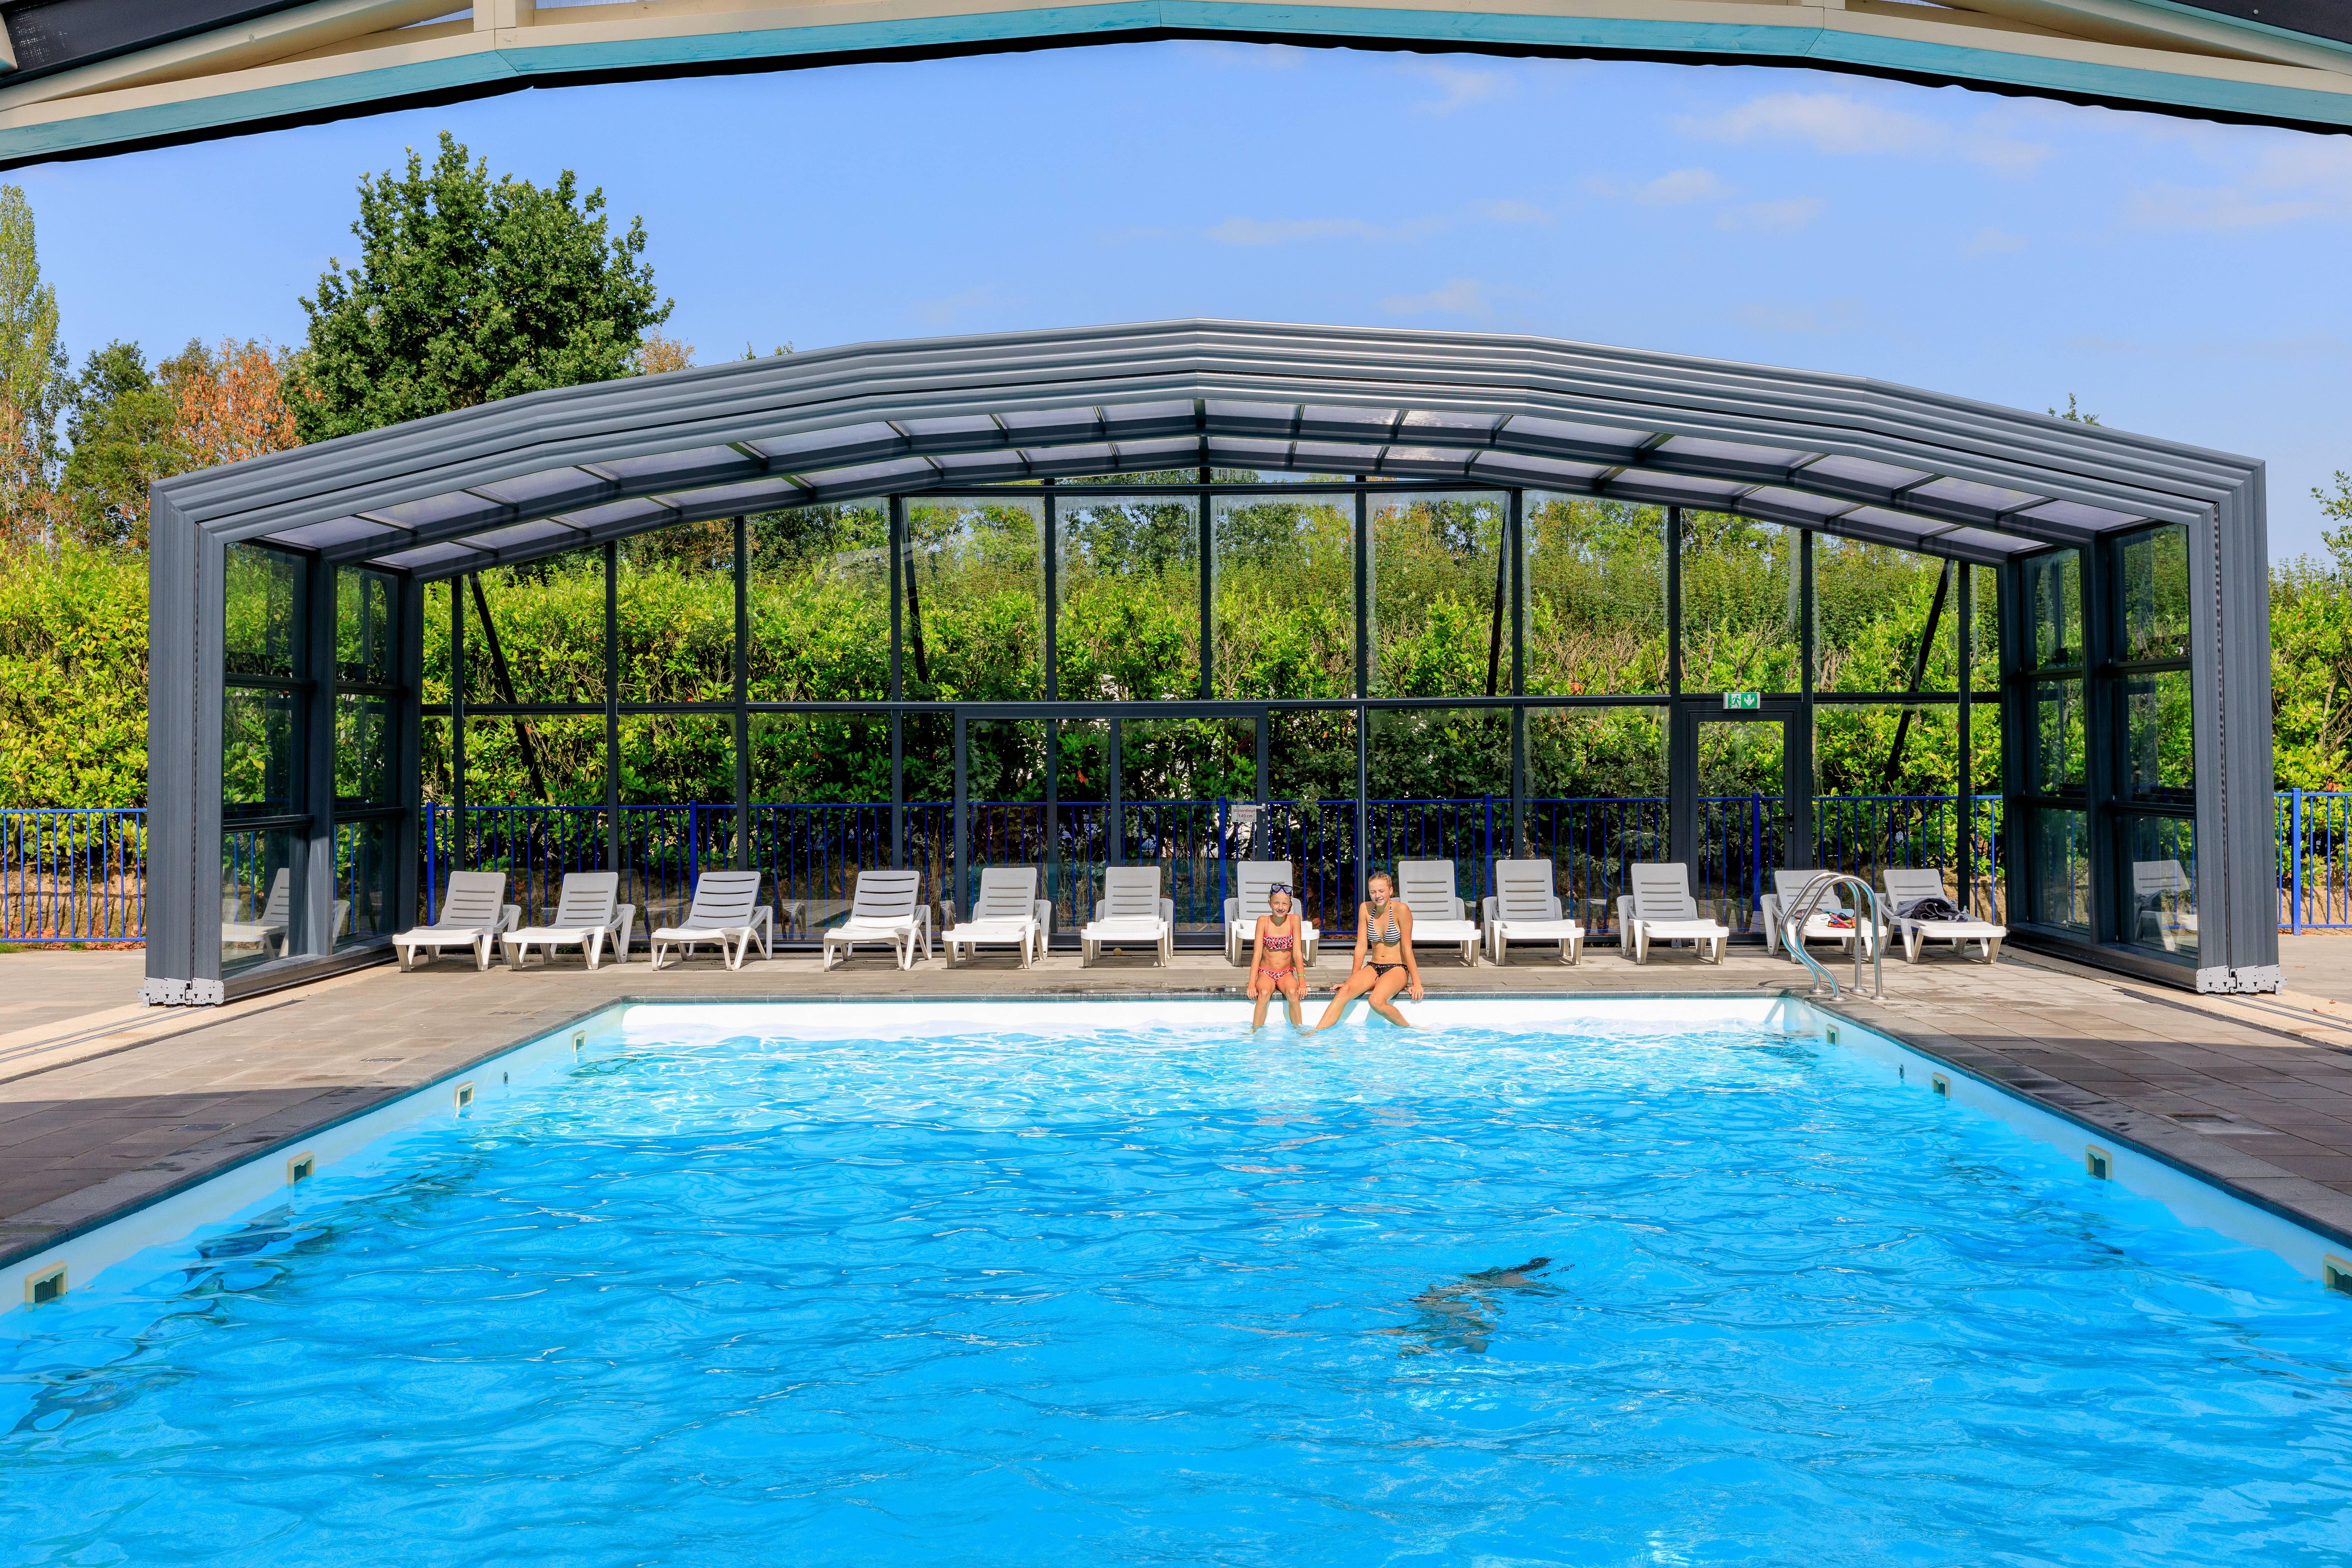 Zwembad overkappingen voor professionals - Vollenhove, Nederlands